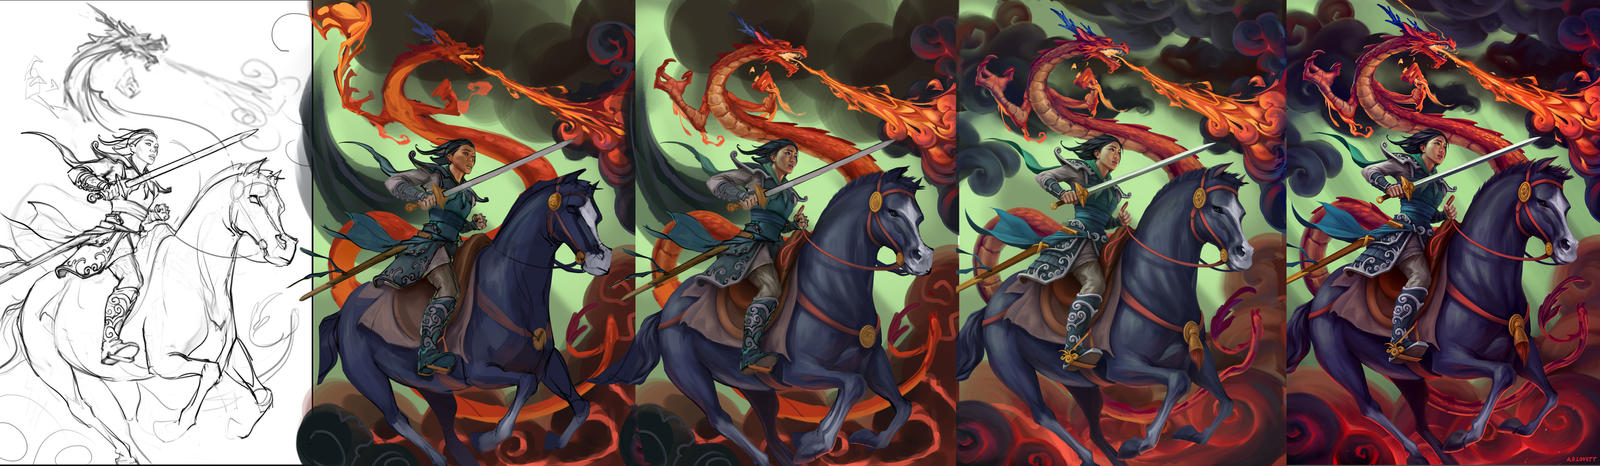 Mulan Process